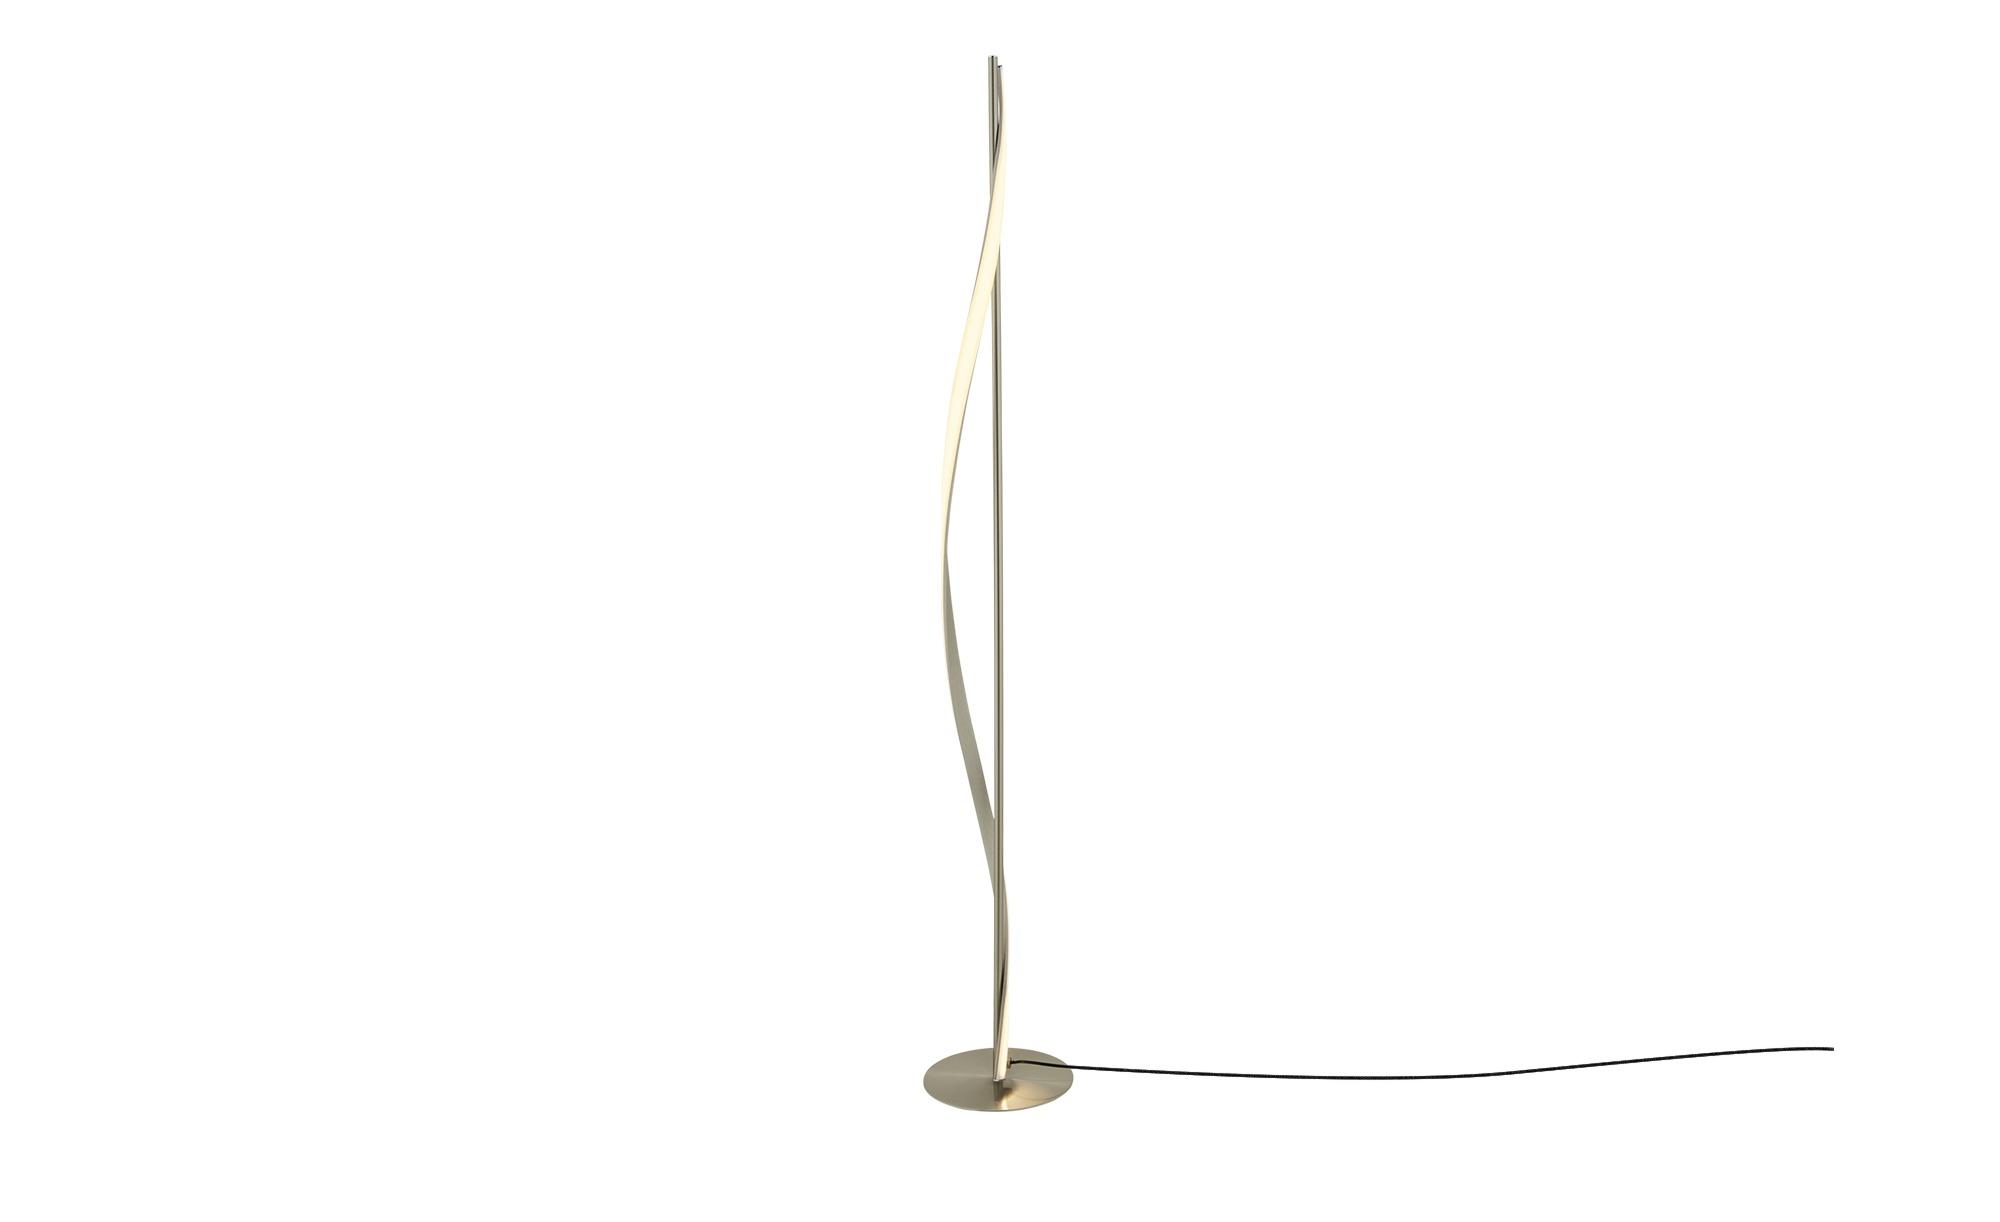 KHG LED-Stehleuchte, nickel-matt ¦ silber ¦ Maße (cm): H: 120 Ø: 18 Lampen & Leuchten > Innenleuchten > Stehlampen - Höffner